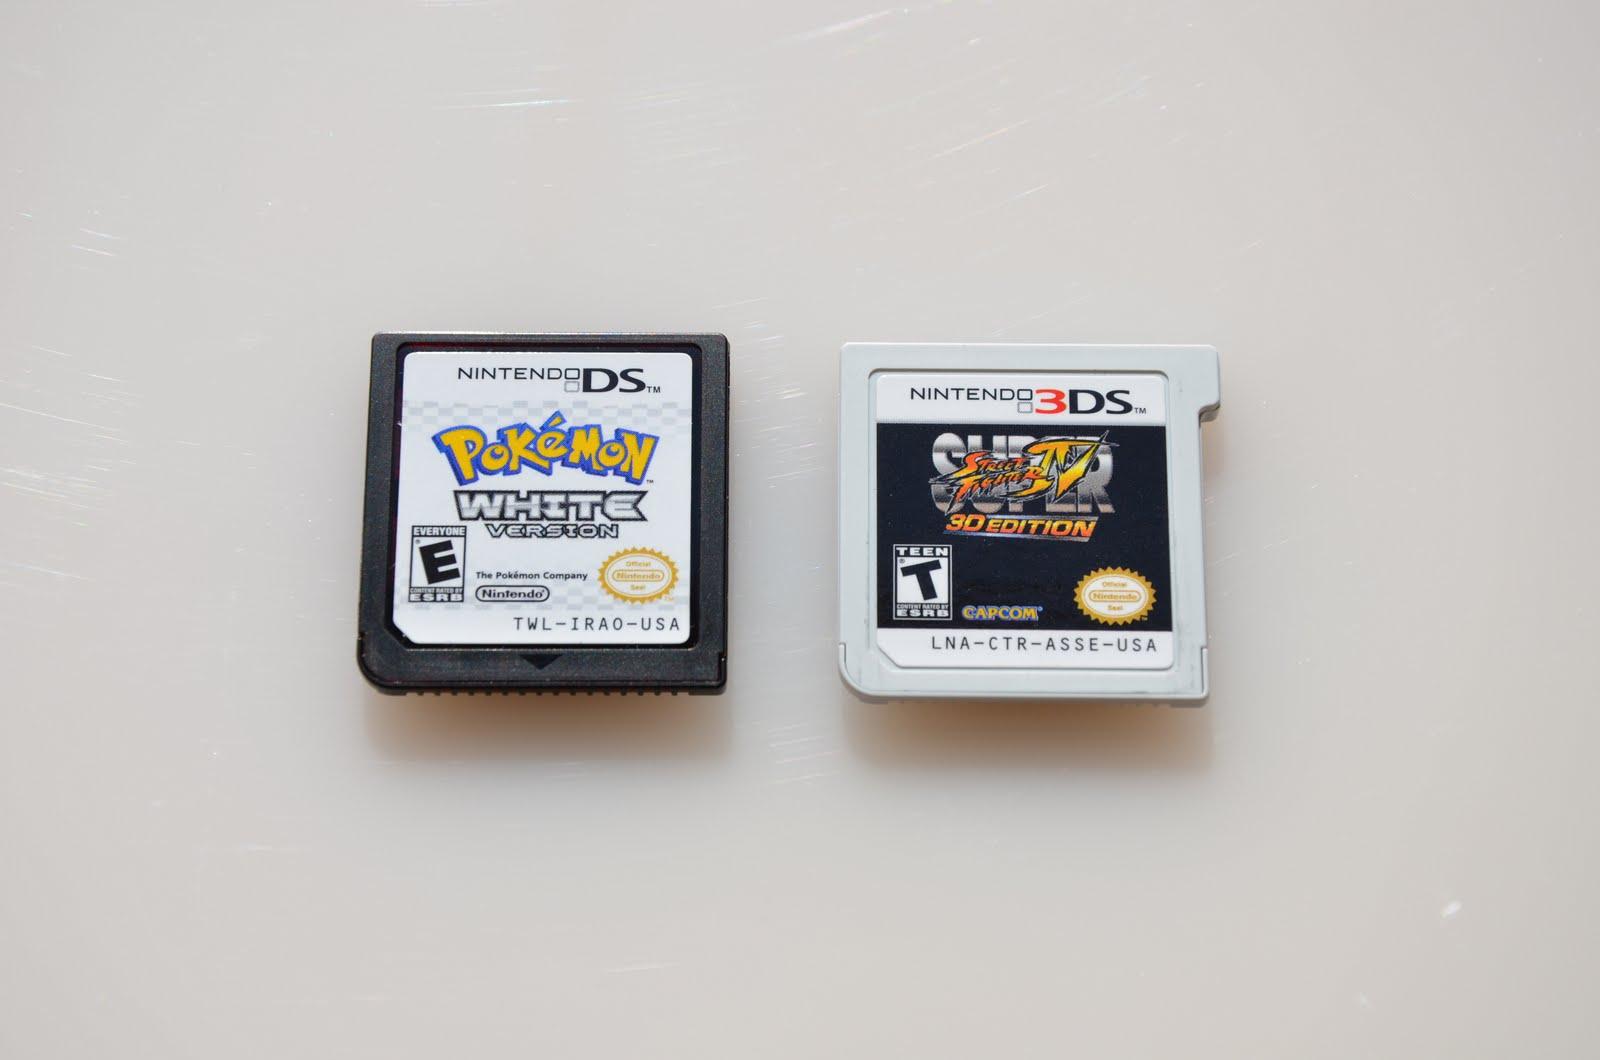 닌텐도 DS(왼쪽)와 3DS(오른쪽) 전용 카트리지. (출처: 위키백과)